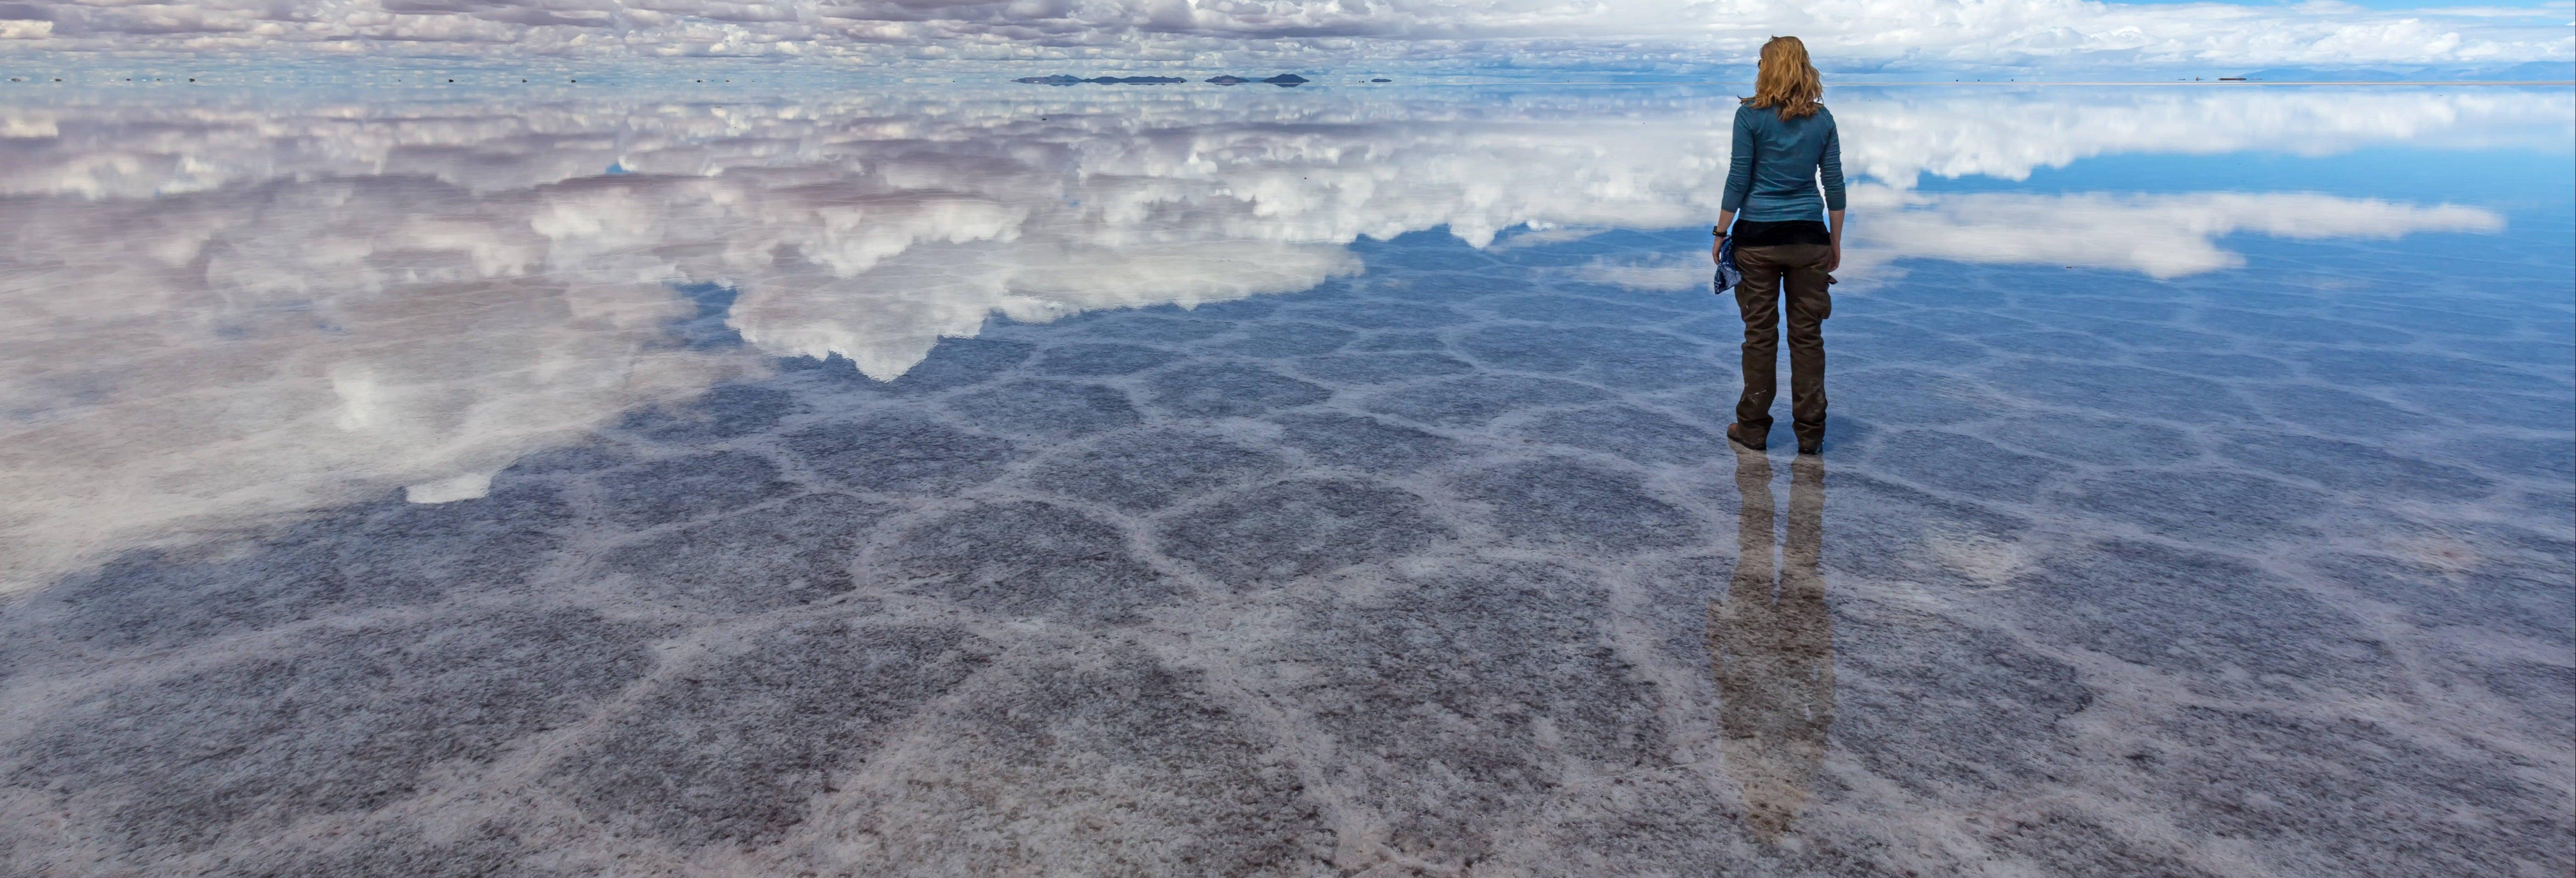 Tour de 3 días por Uyuni finalizando en San Pedro de Atacama